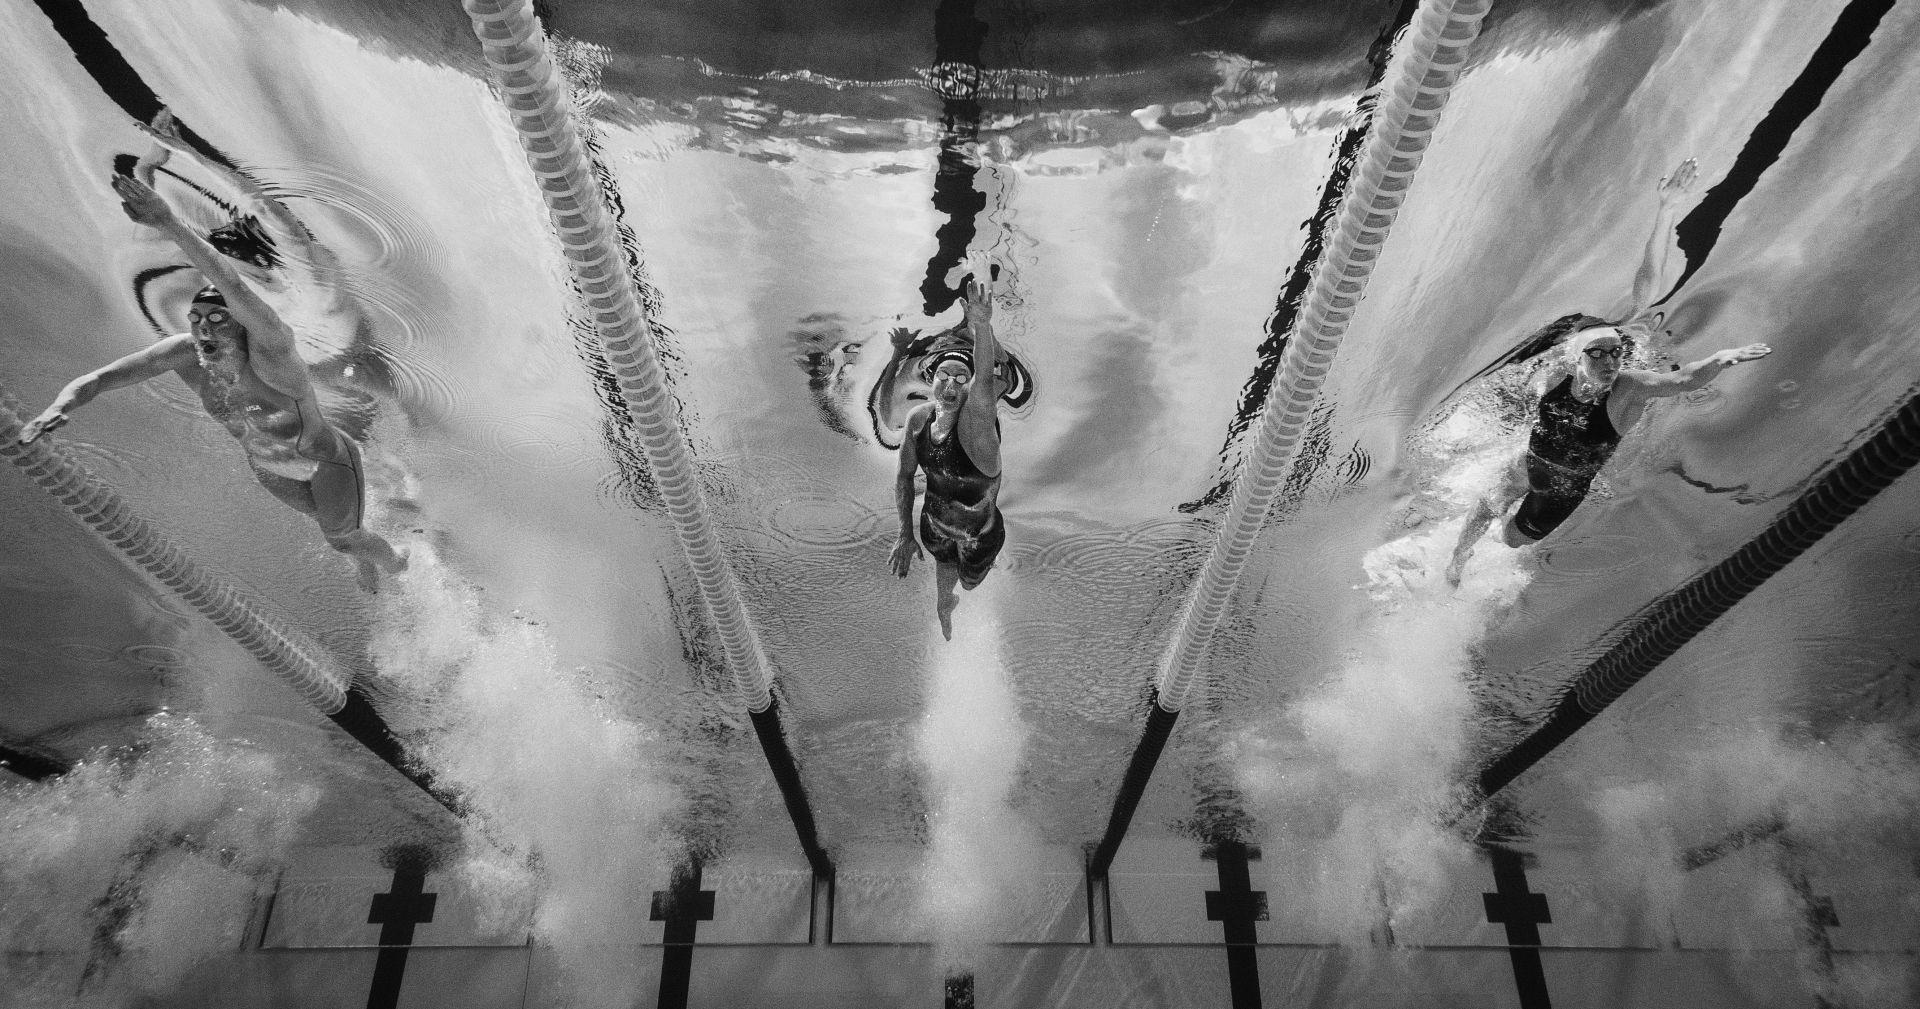 Sprint through water